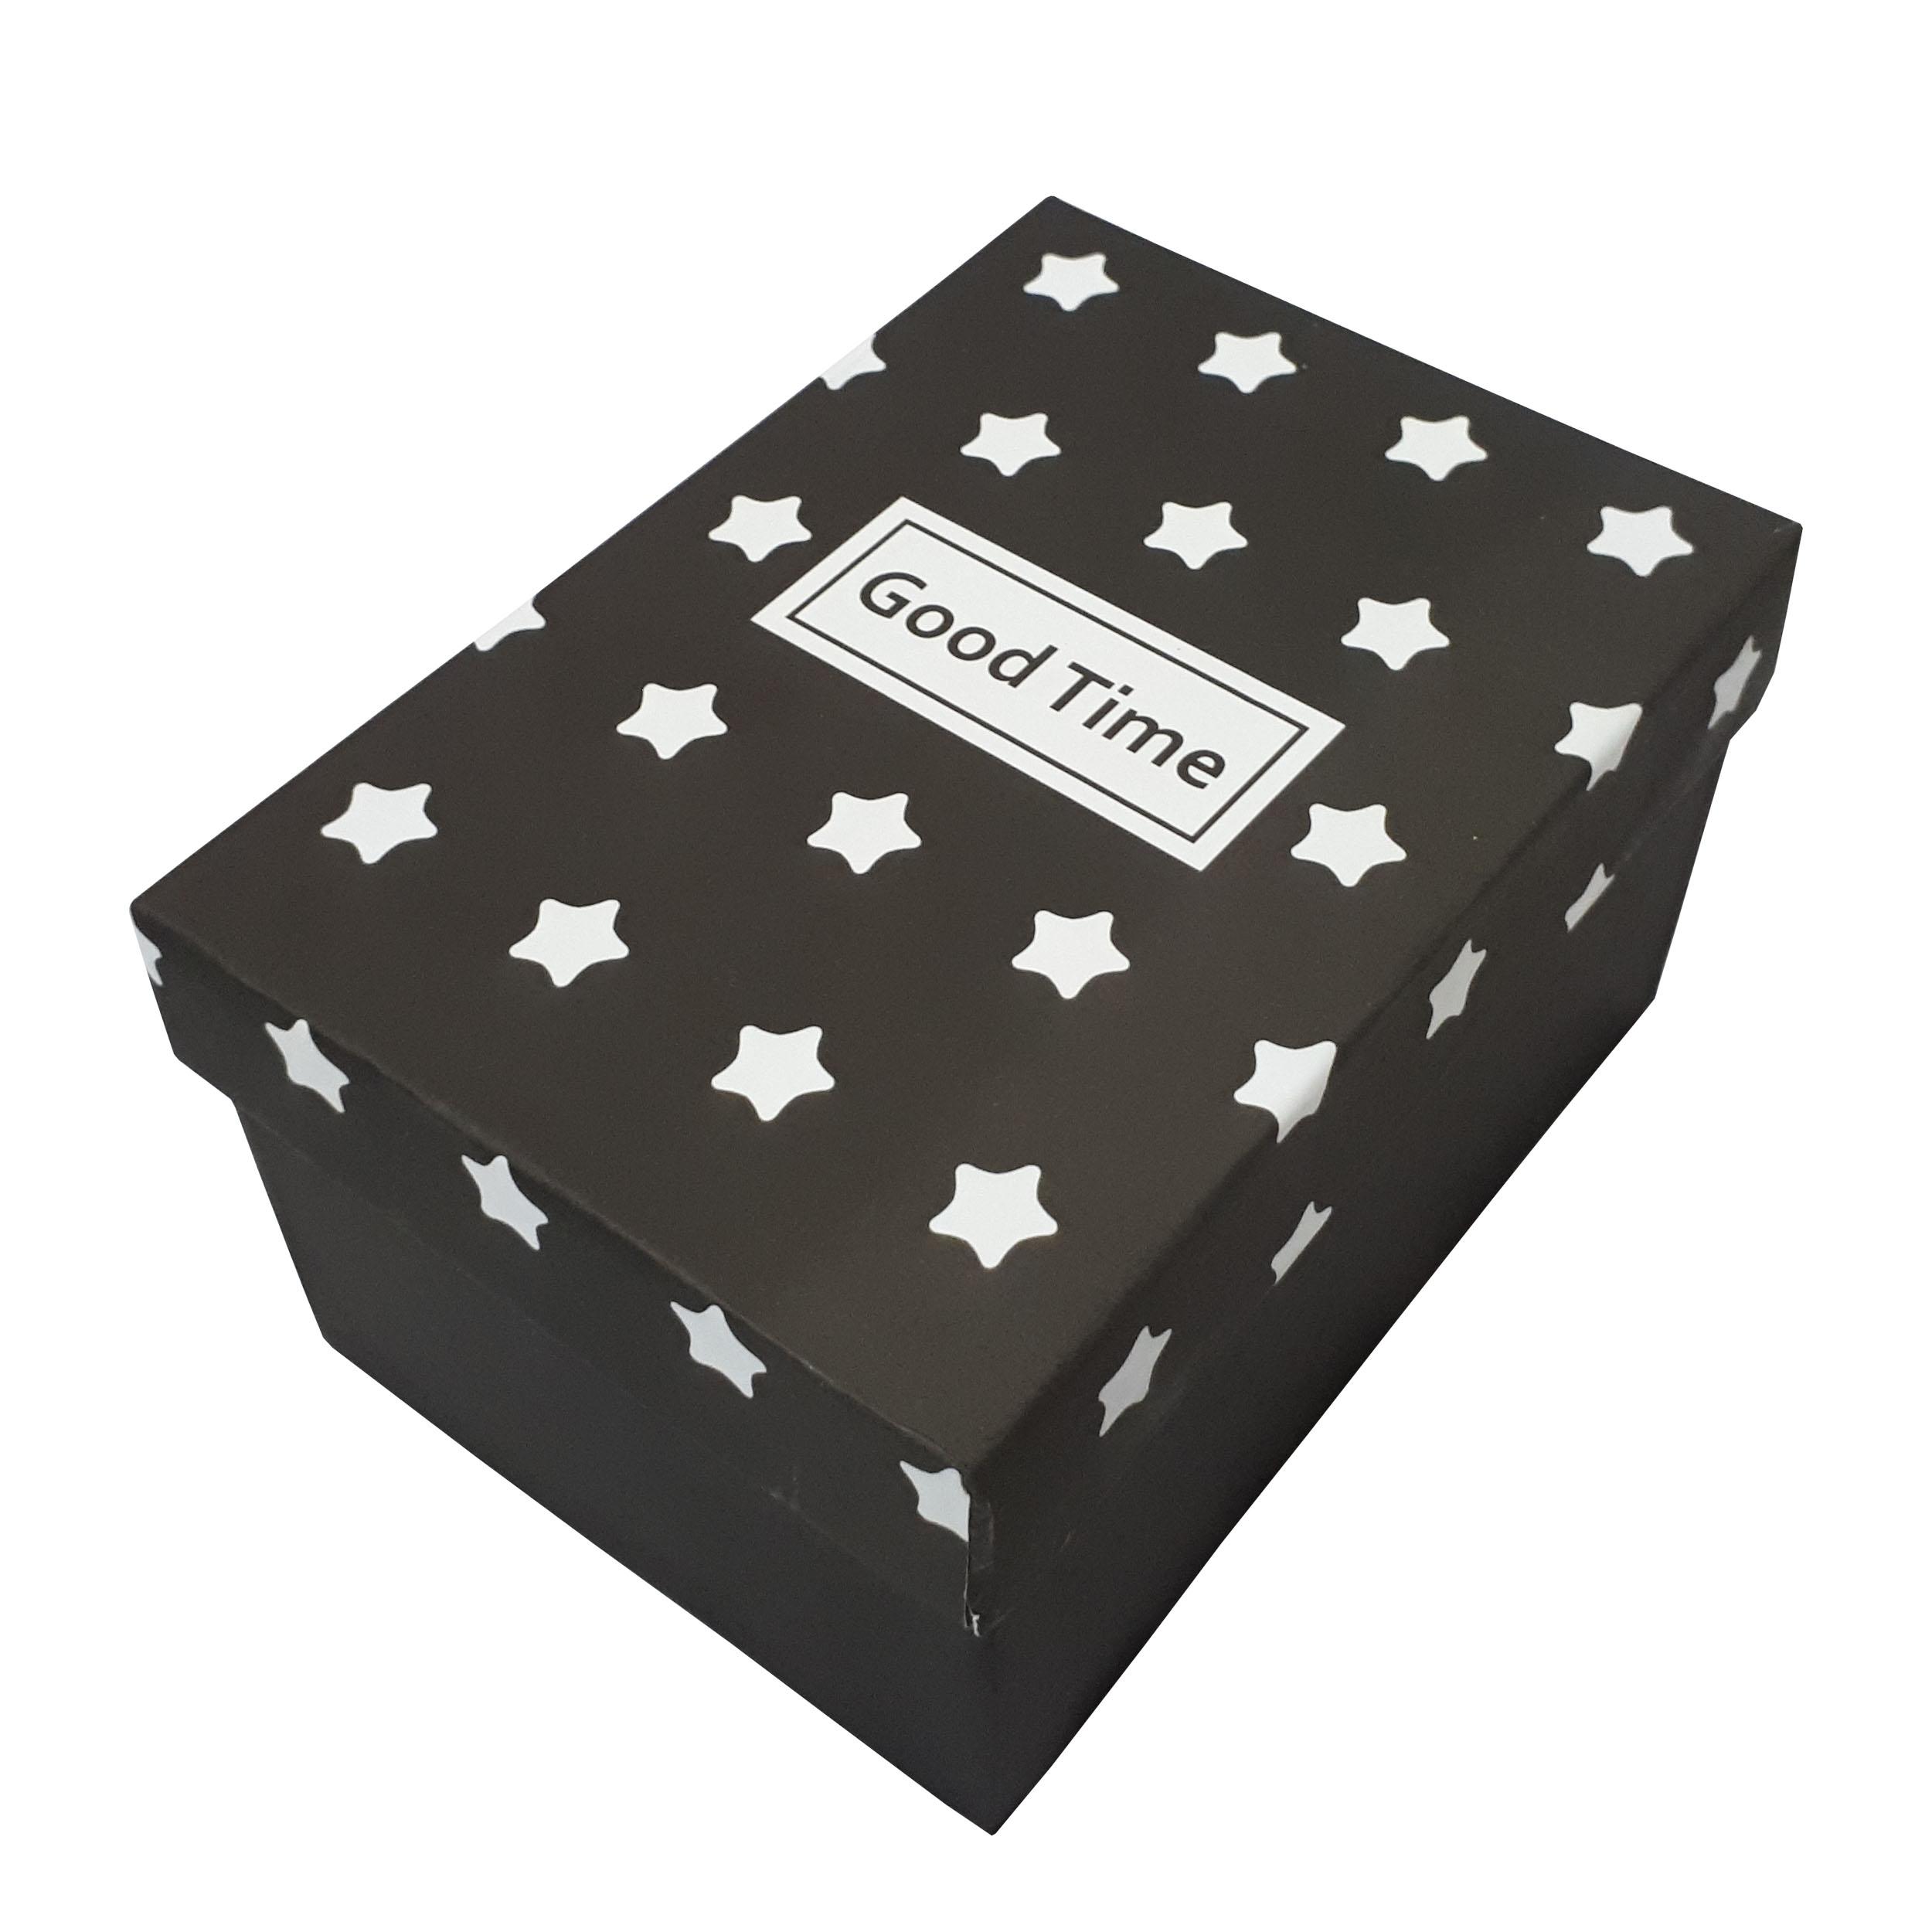 جعبه هدیه طرح ستاره مدل Good Time کد 401054